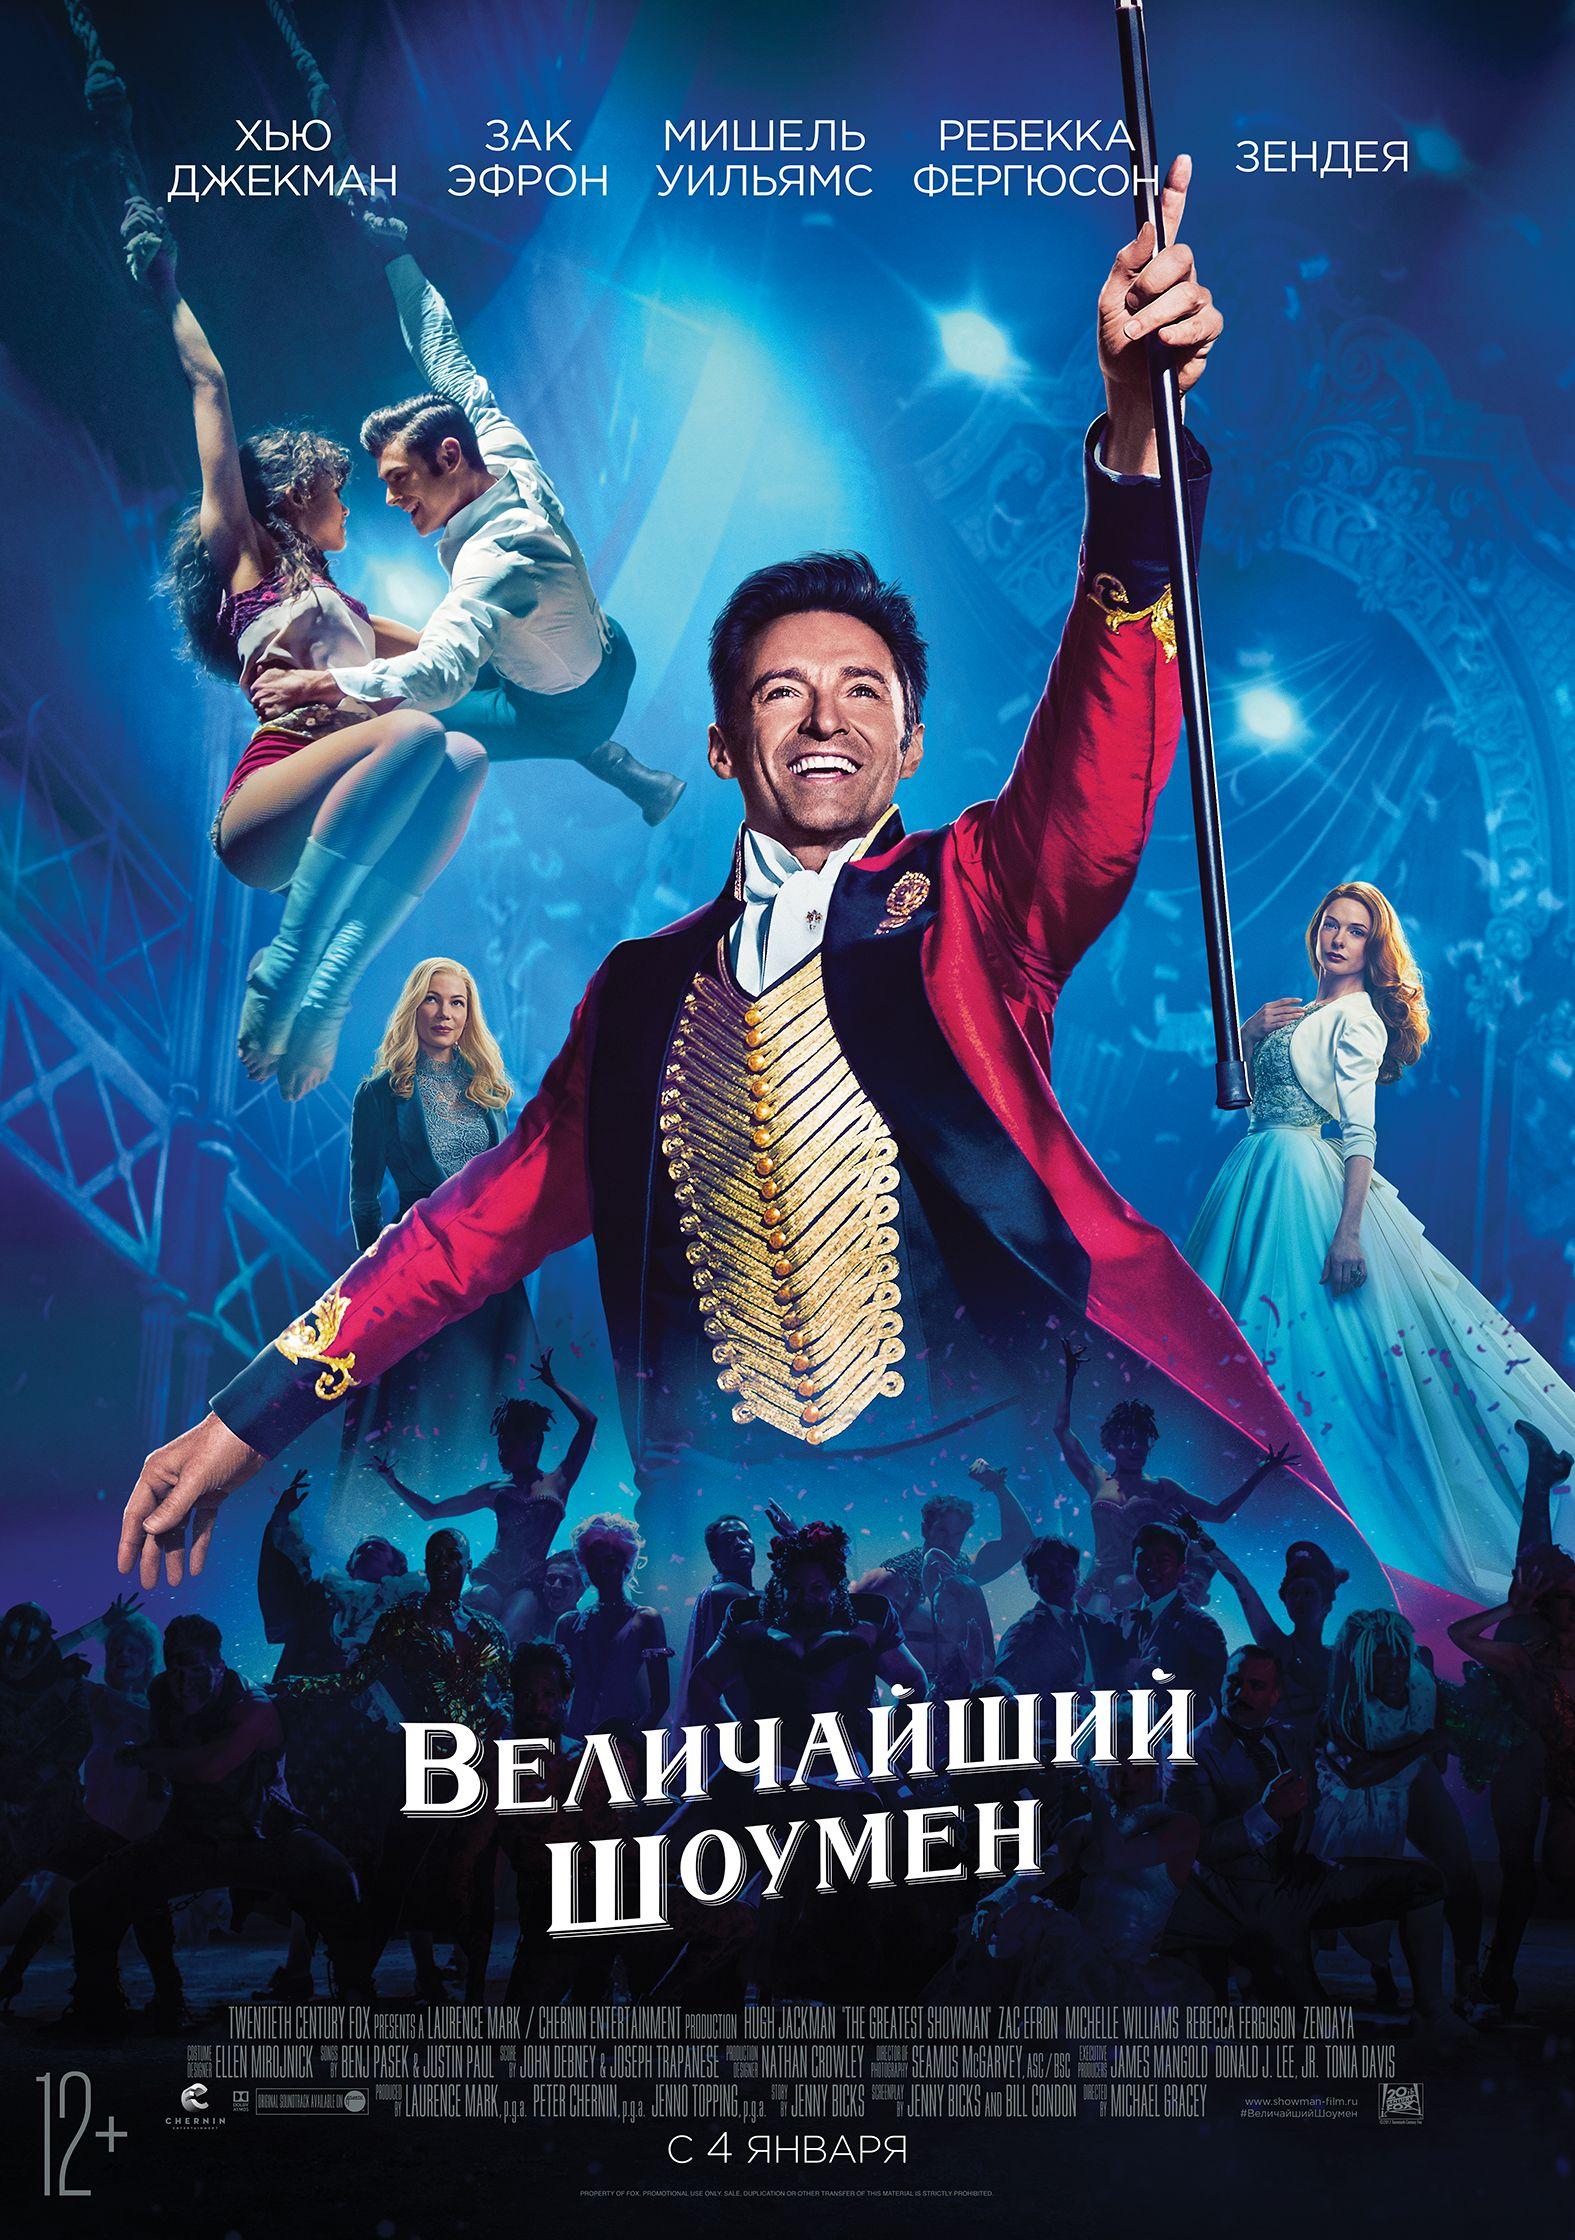 Величайший шоумен, постер № 8